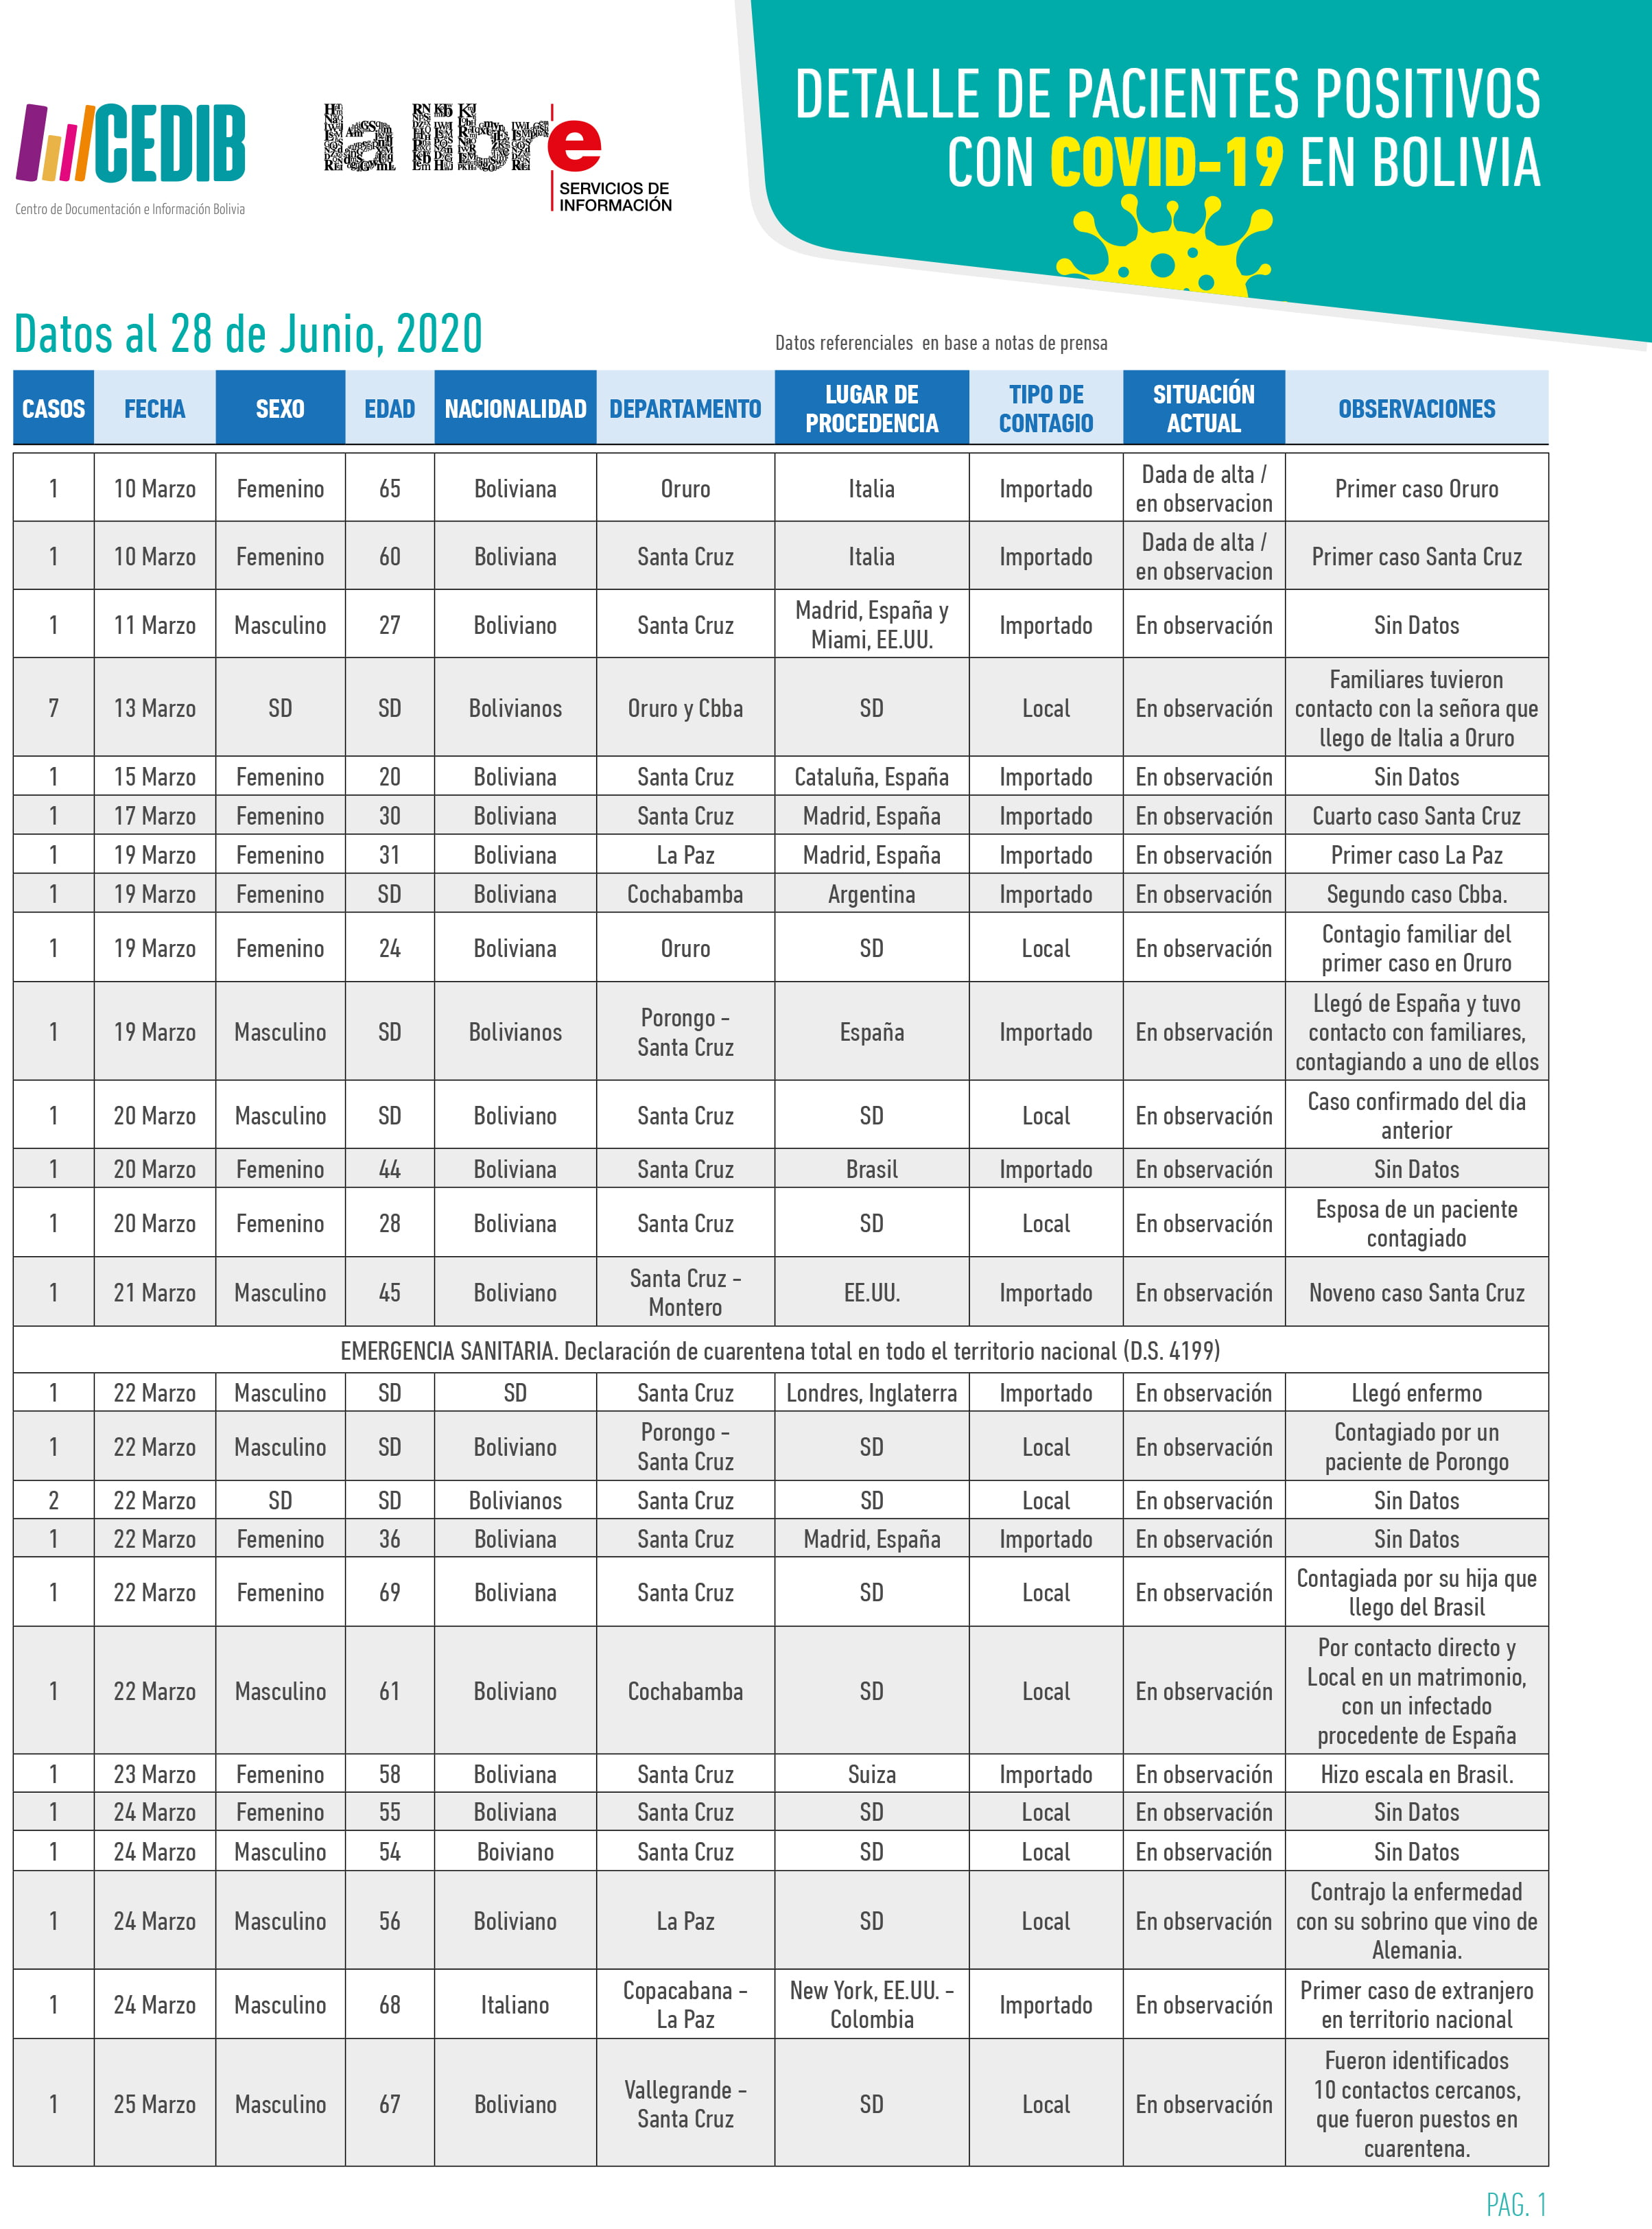 Cronología: Detalle de pacientes positivos con COVID19 en Bolivia (28.06.20)